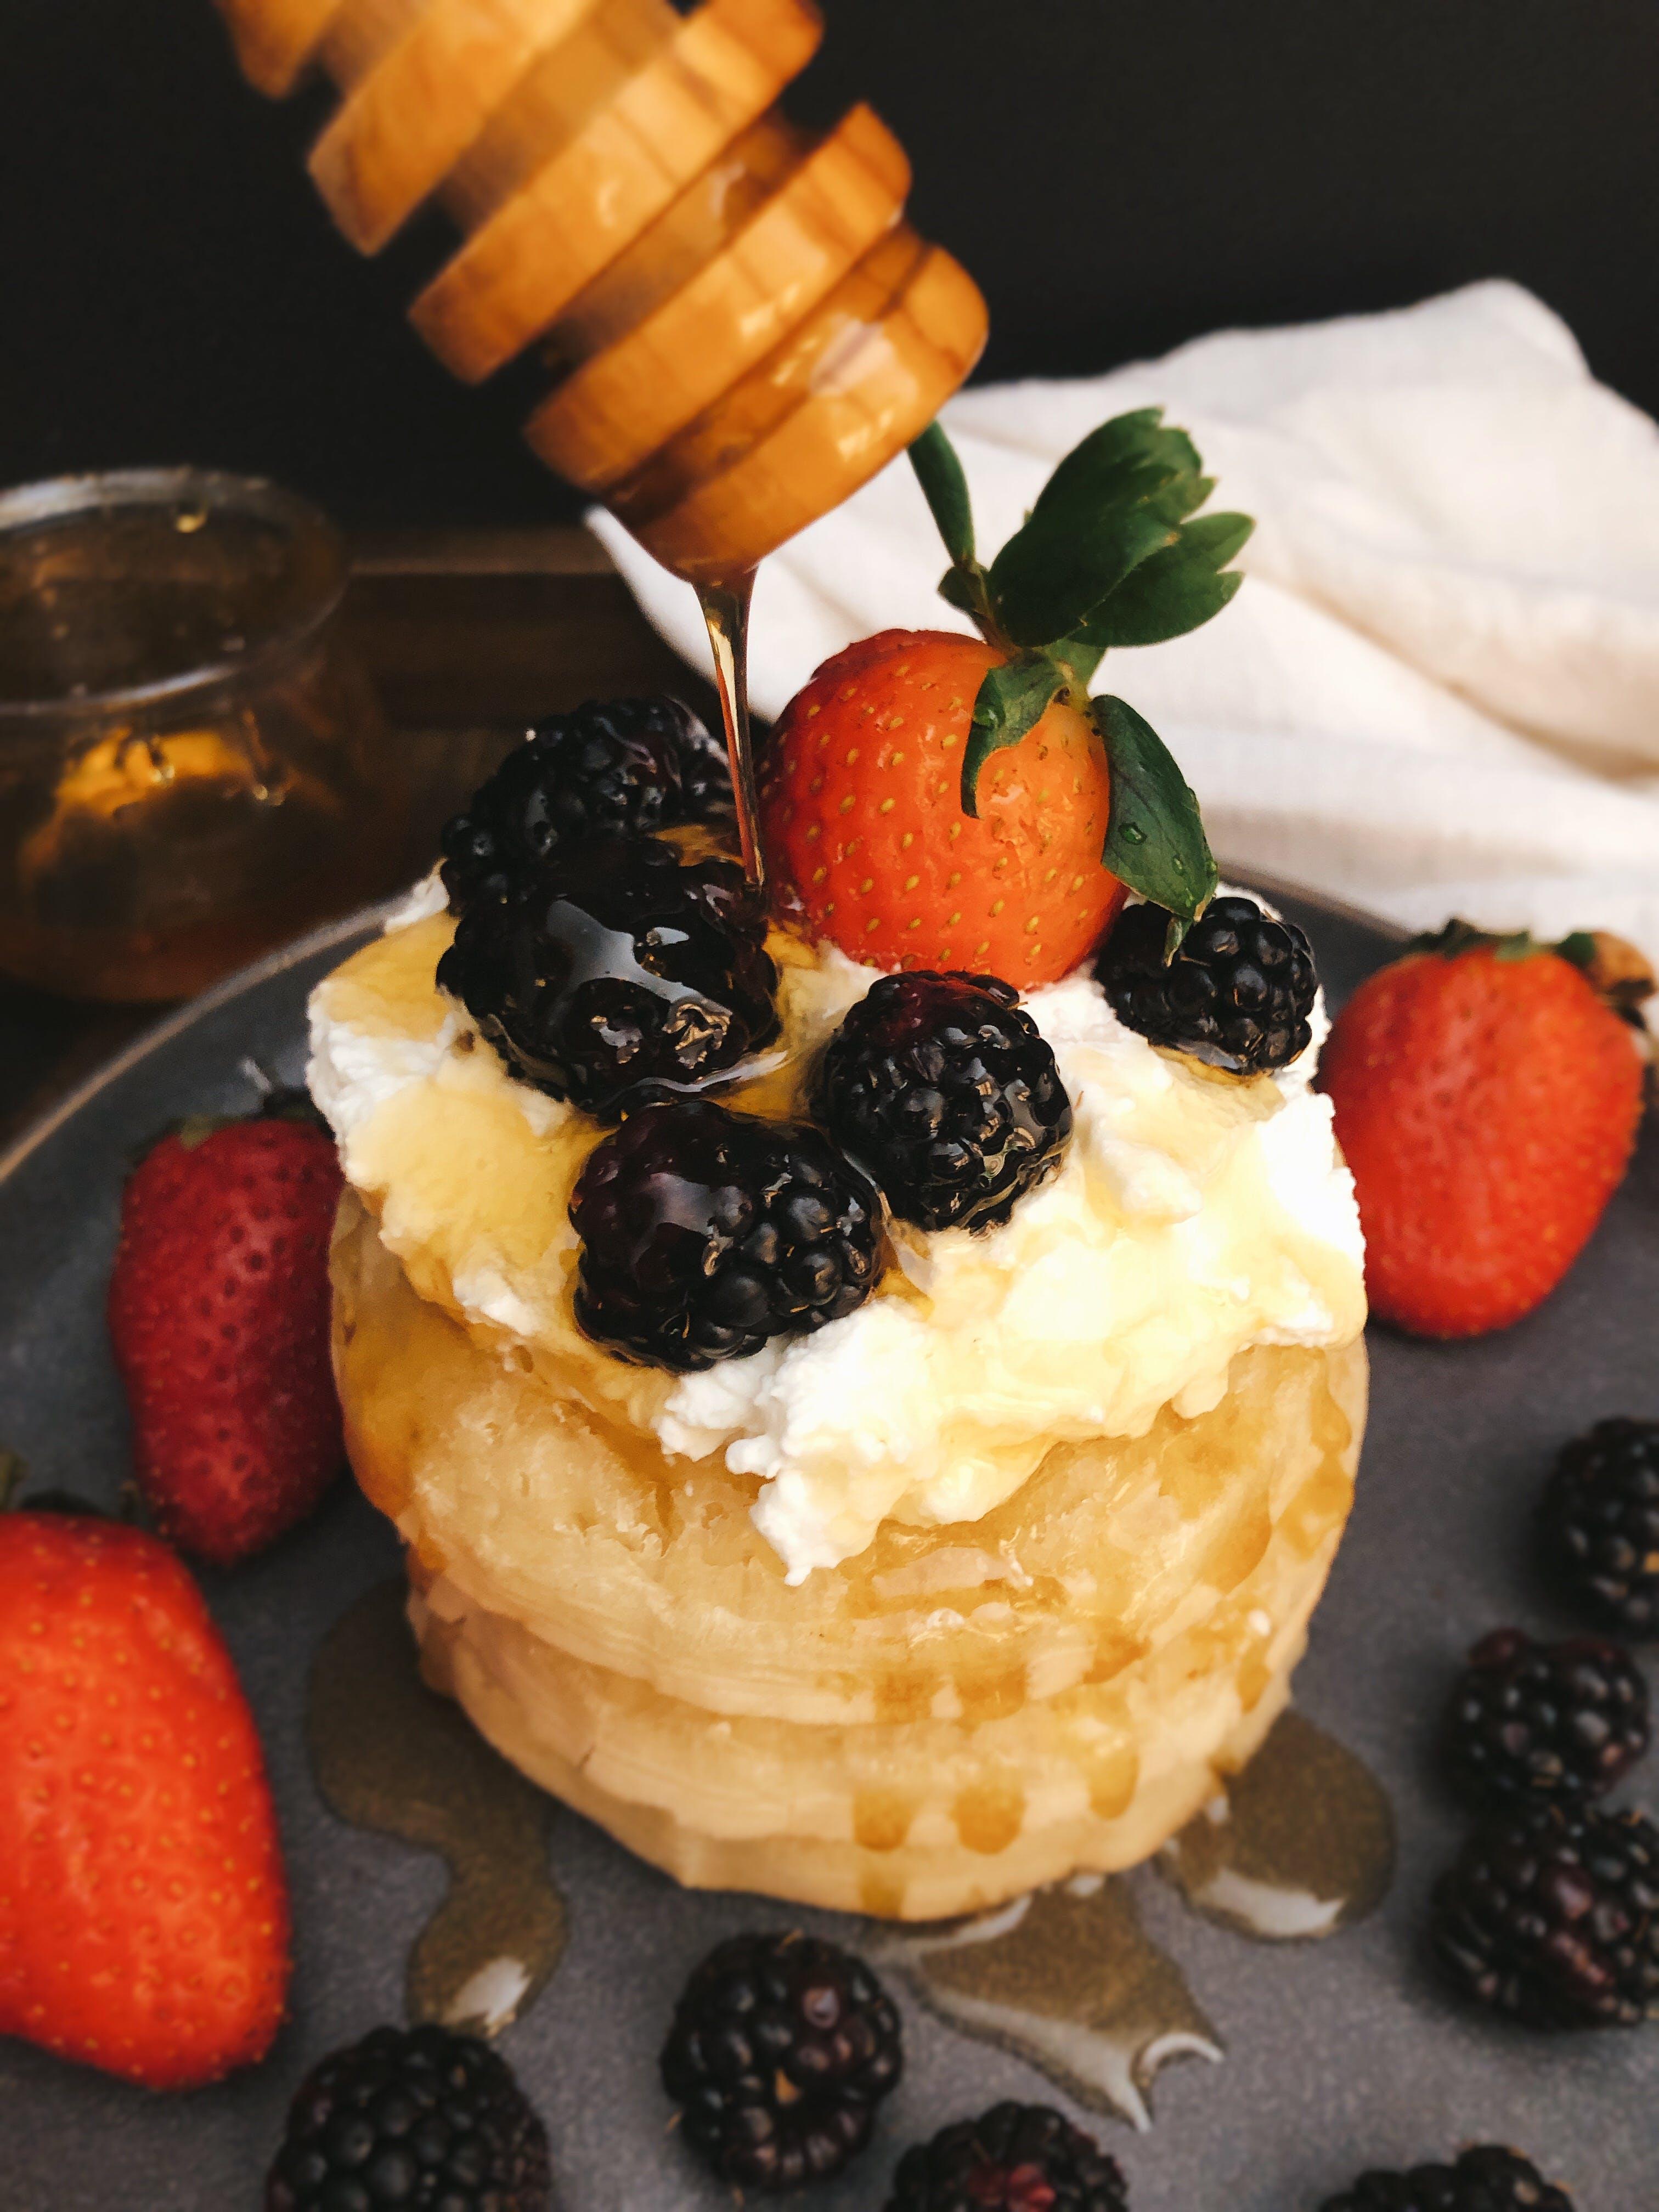 Kostnadsfri bild av bakverk, bär, frukt, hälsosam